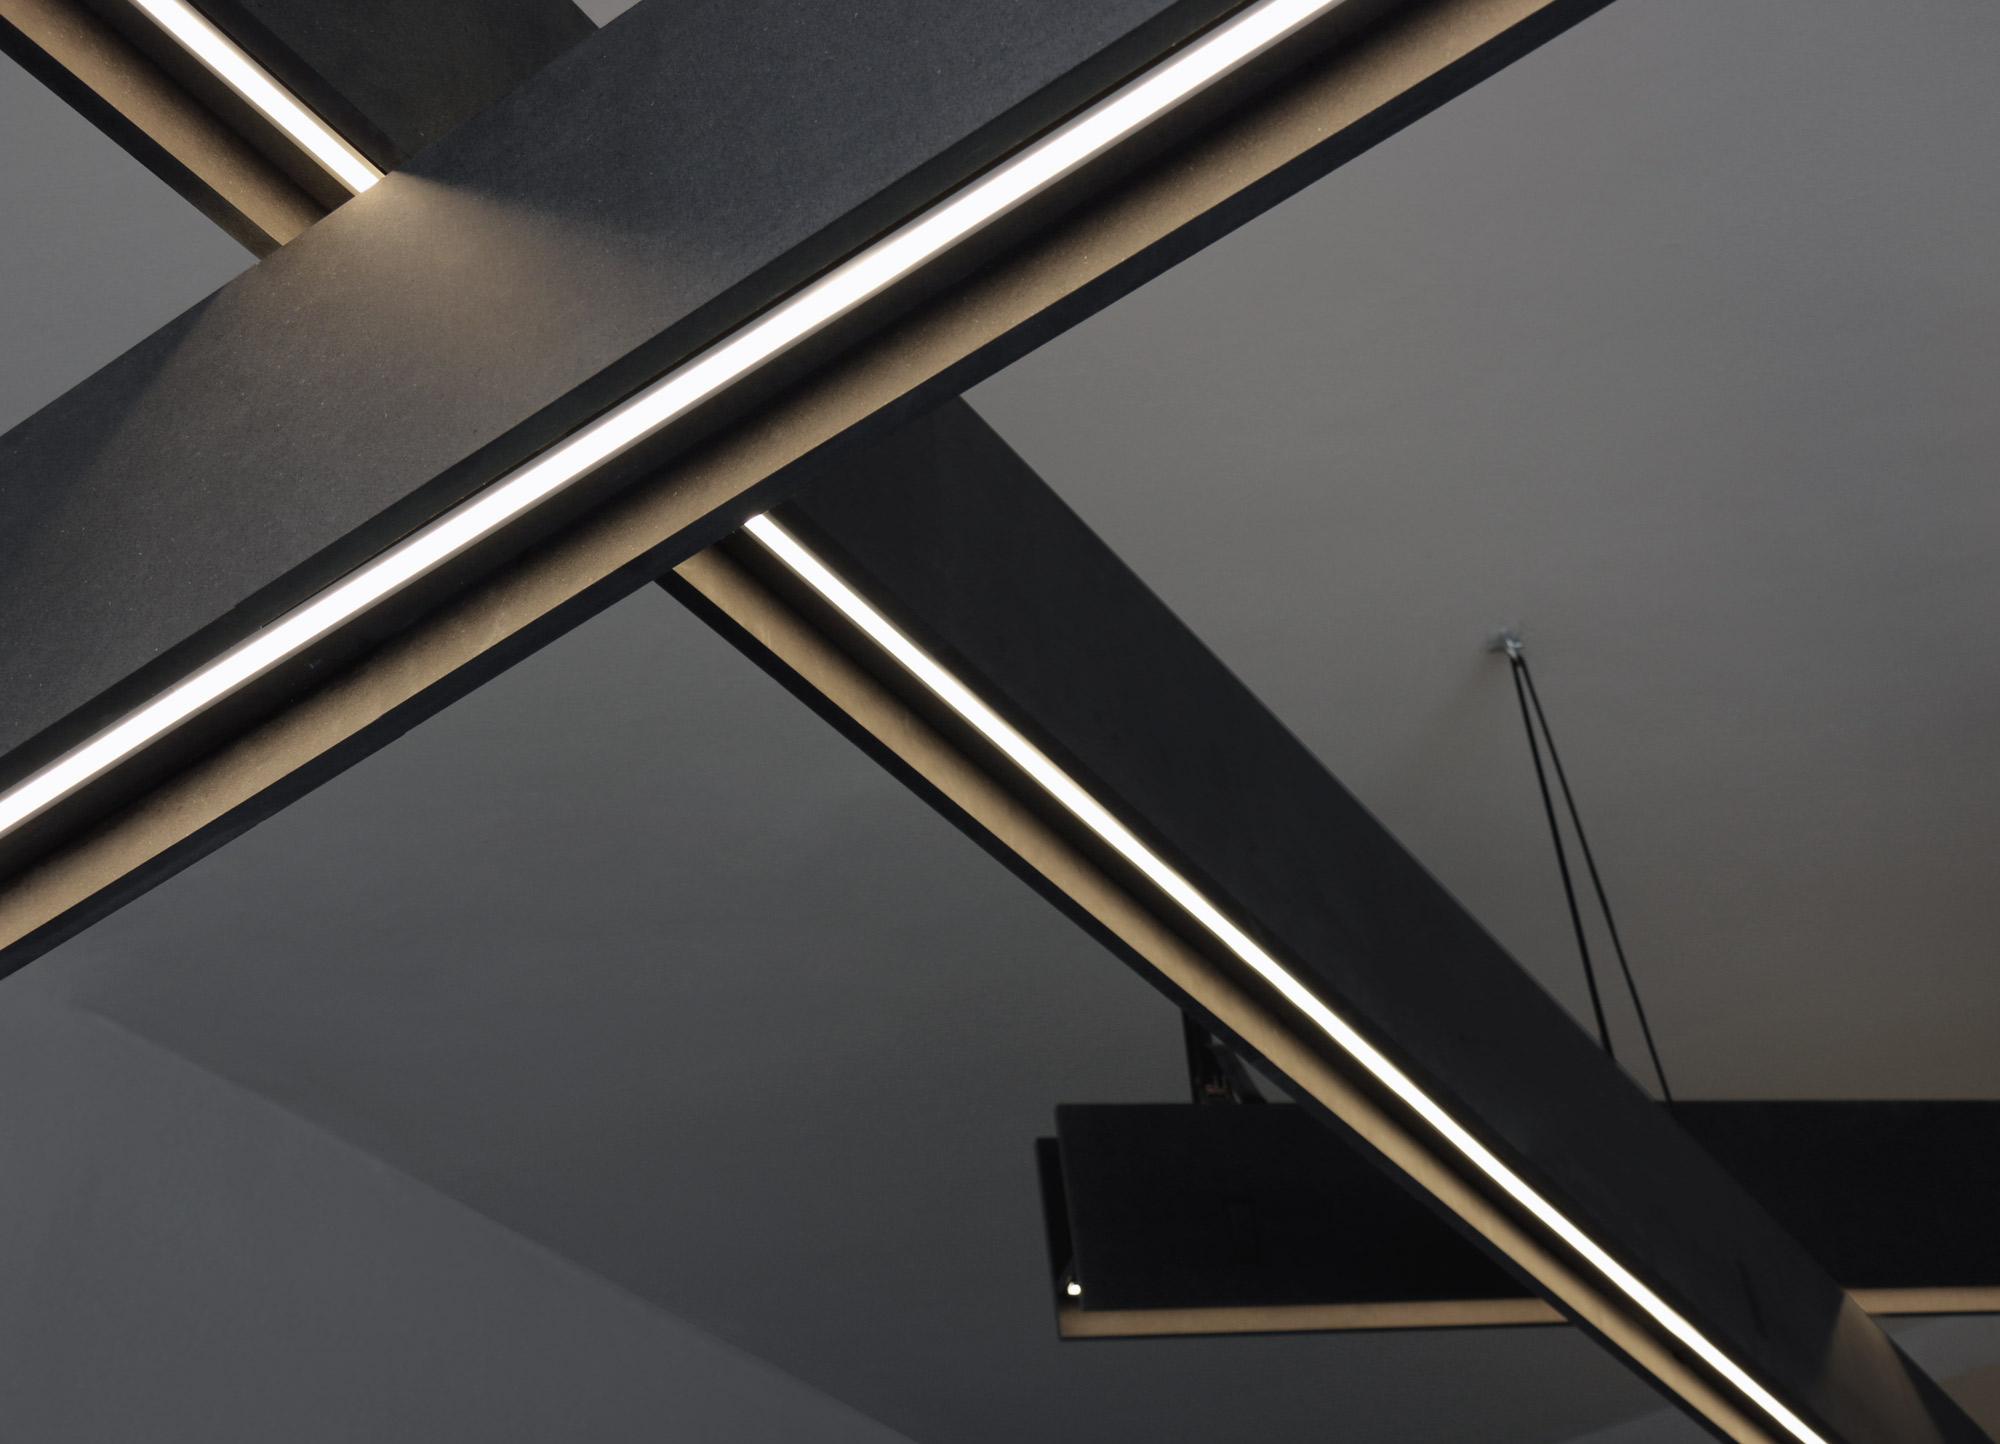 jc-droz-architecture-bombie-008